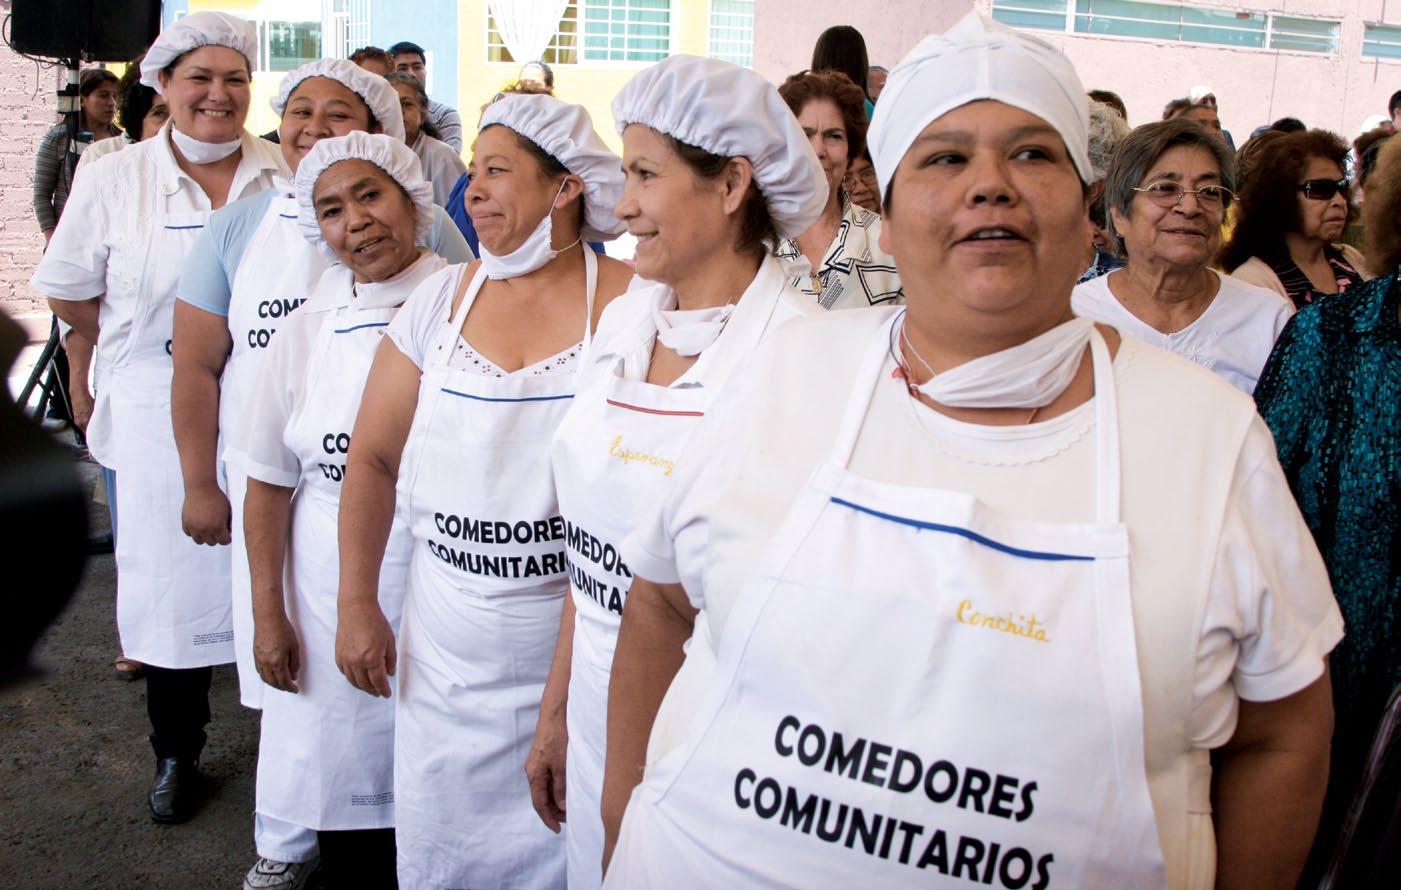 Comedores Comunitarios Sedesol